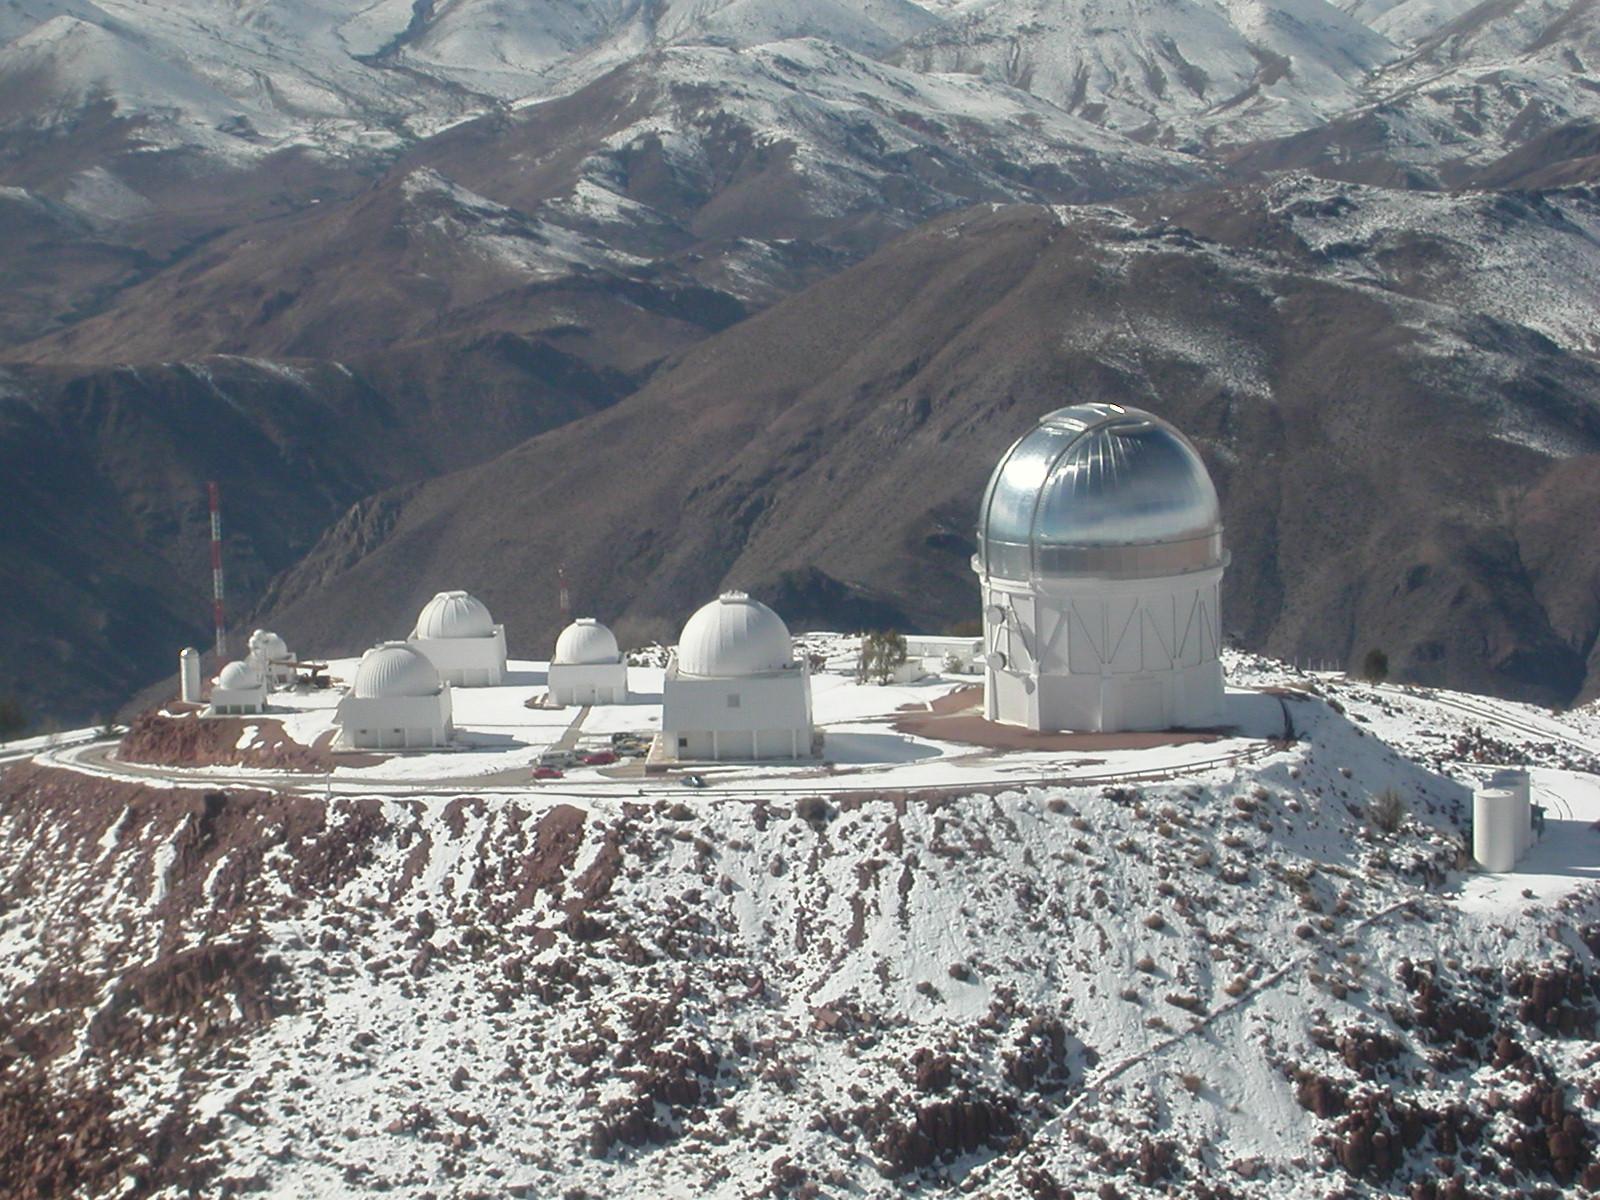 Osservatorio di Cerro Tololo